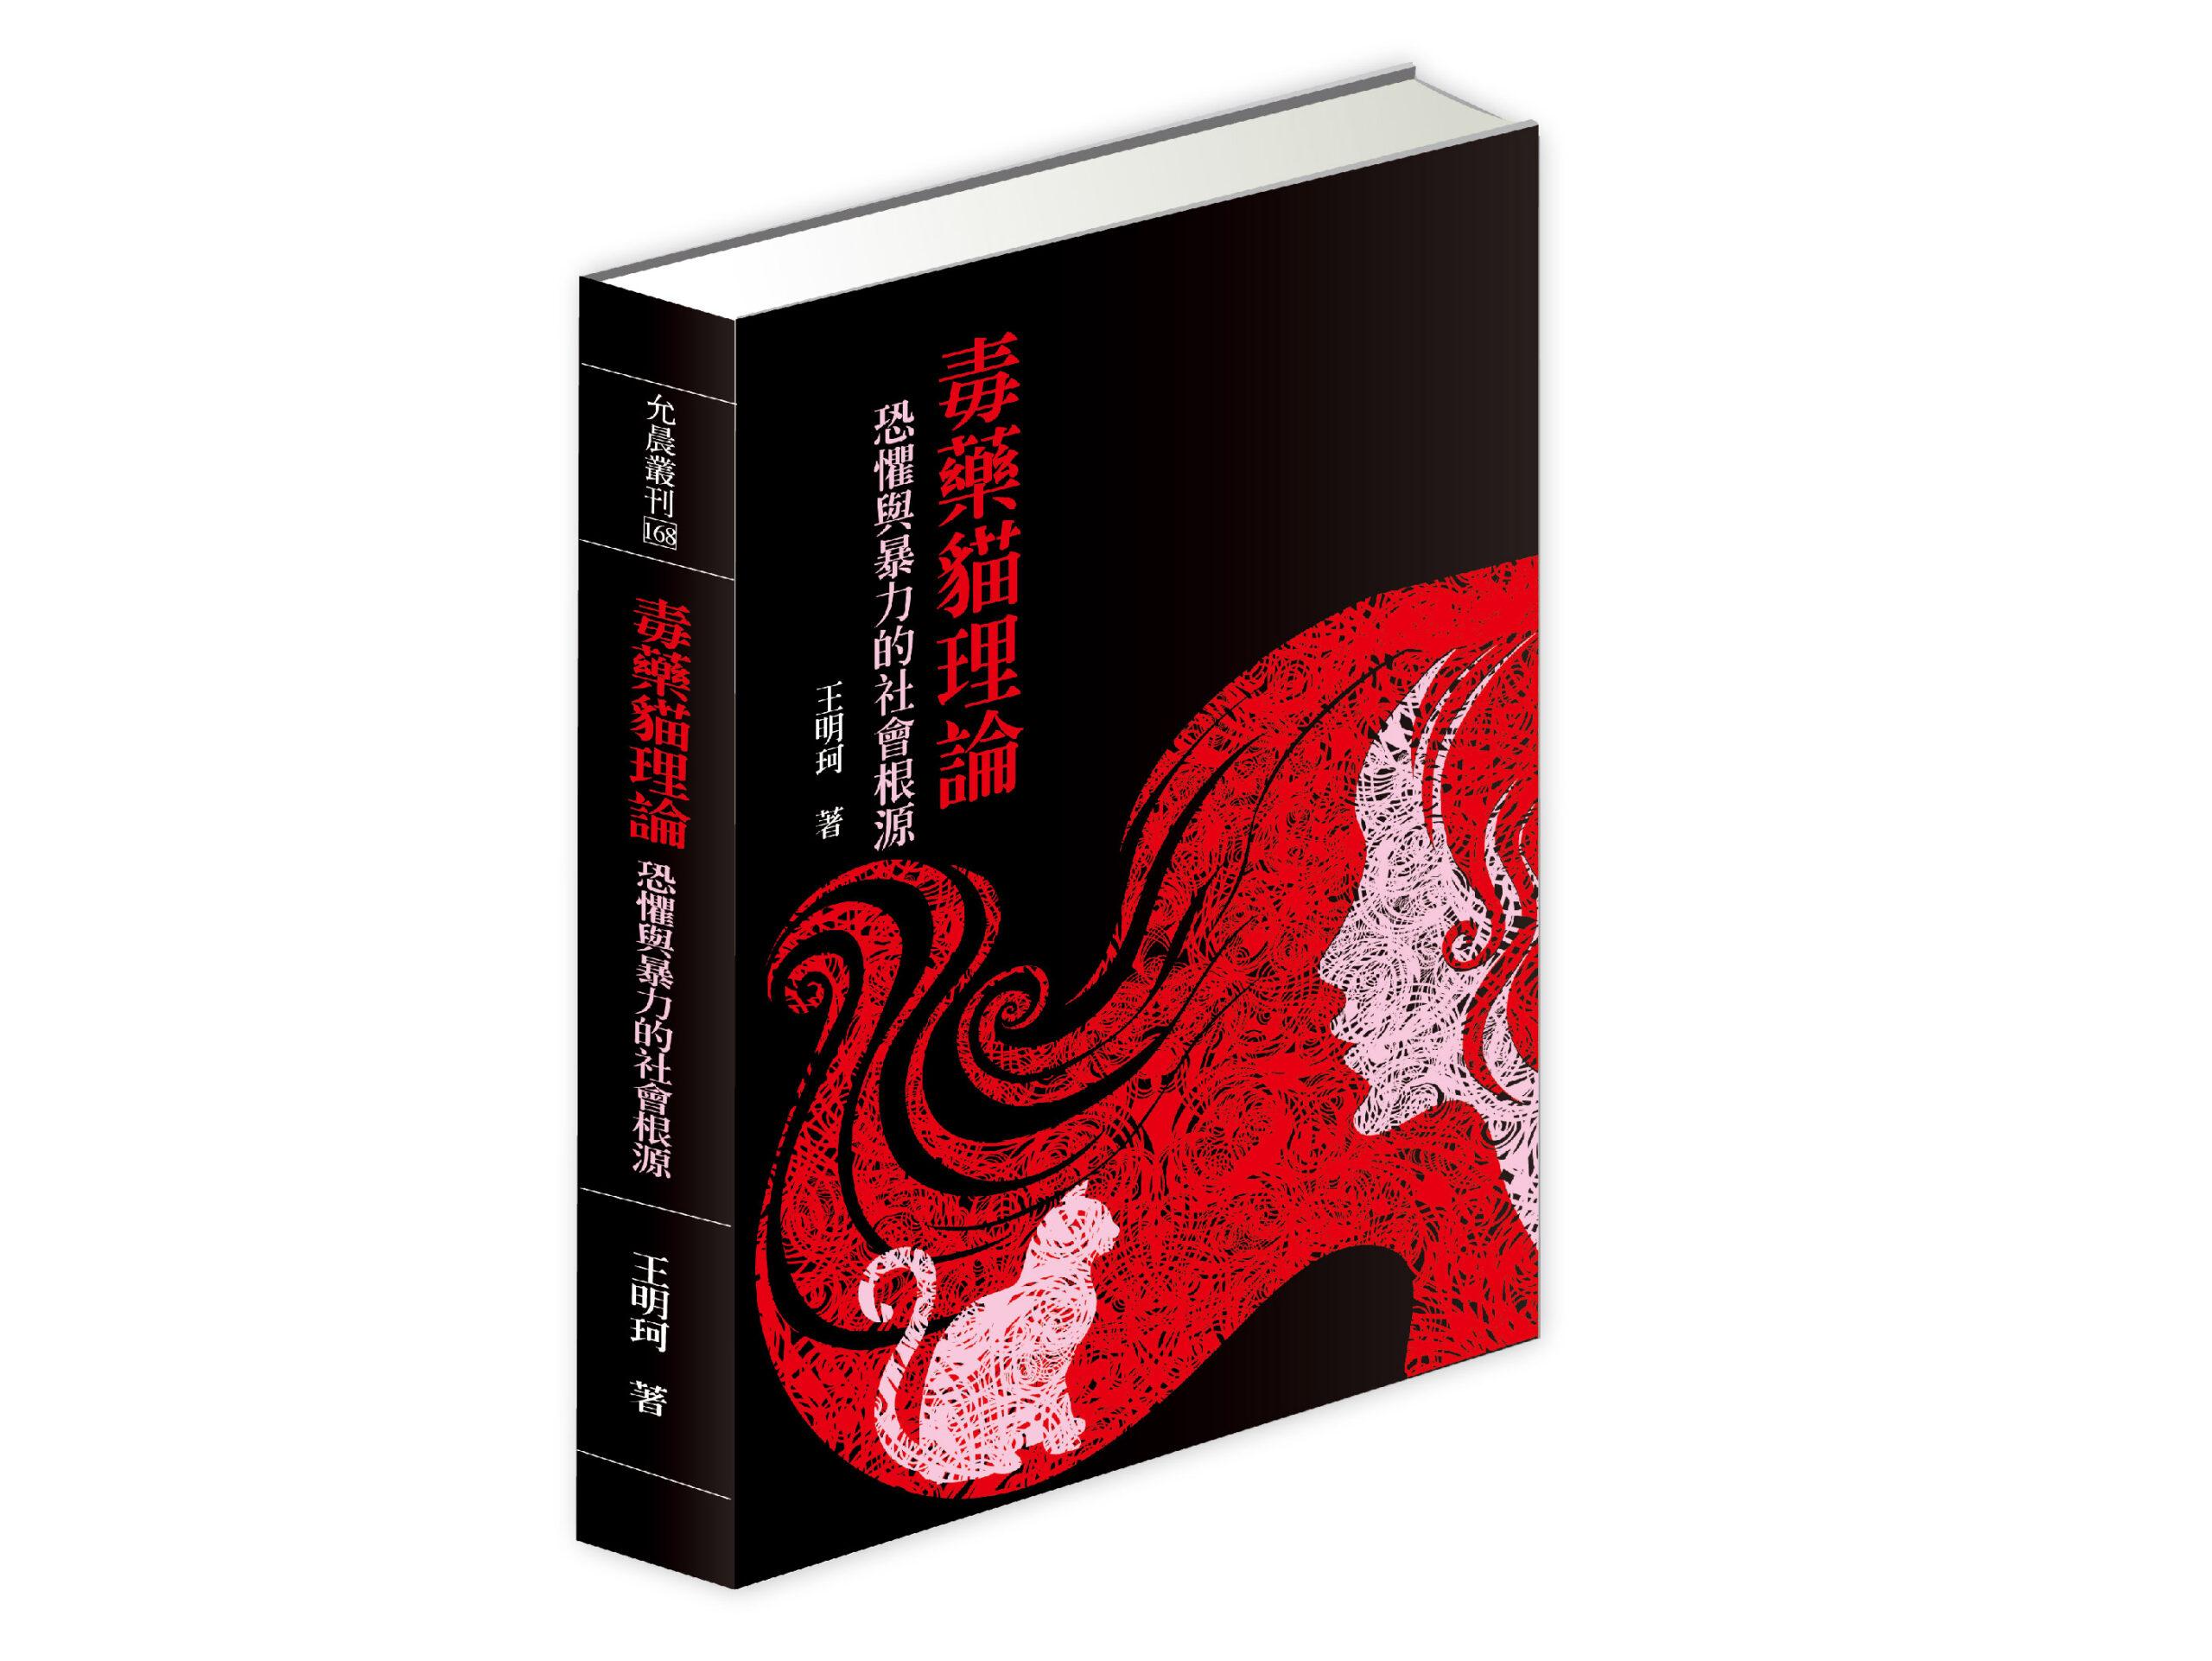 「毒藥貓其實是人類普遍的暴力形式!」王明珂以中國少數民族為田野對象,探討歷史記憶與族群認同。在國族、宗教衝突頻傳的當代,透過村寨這類「原初社會」洞察暴力的根源,是他起心動念撰寫毒藥貓專書的初衷。圖│允晨文化